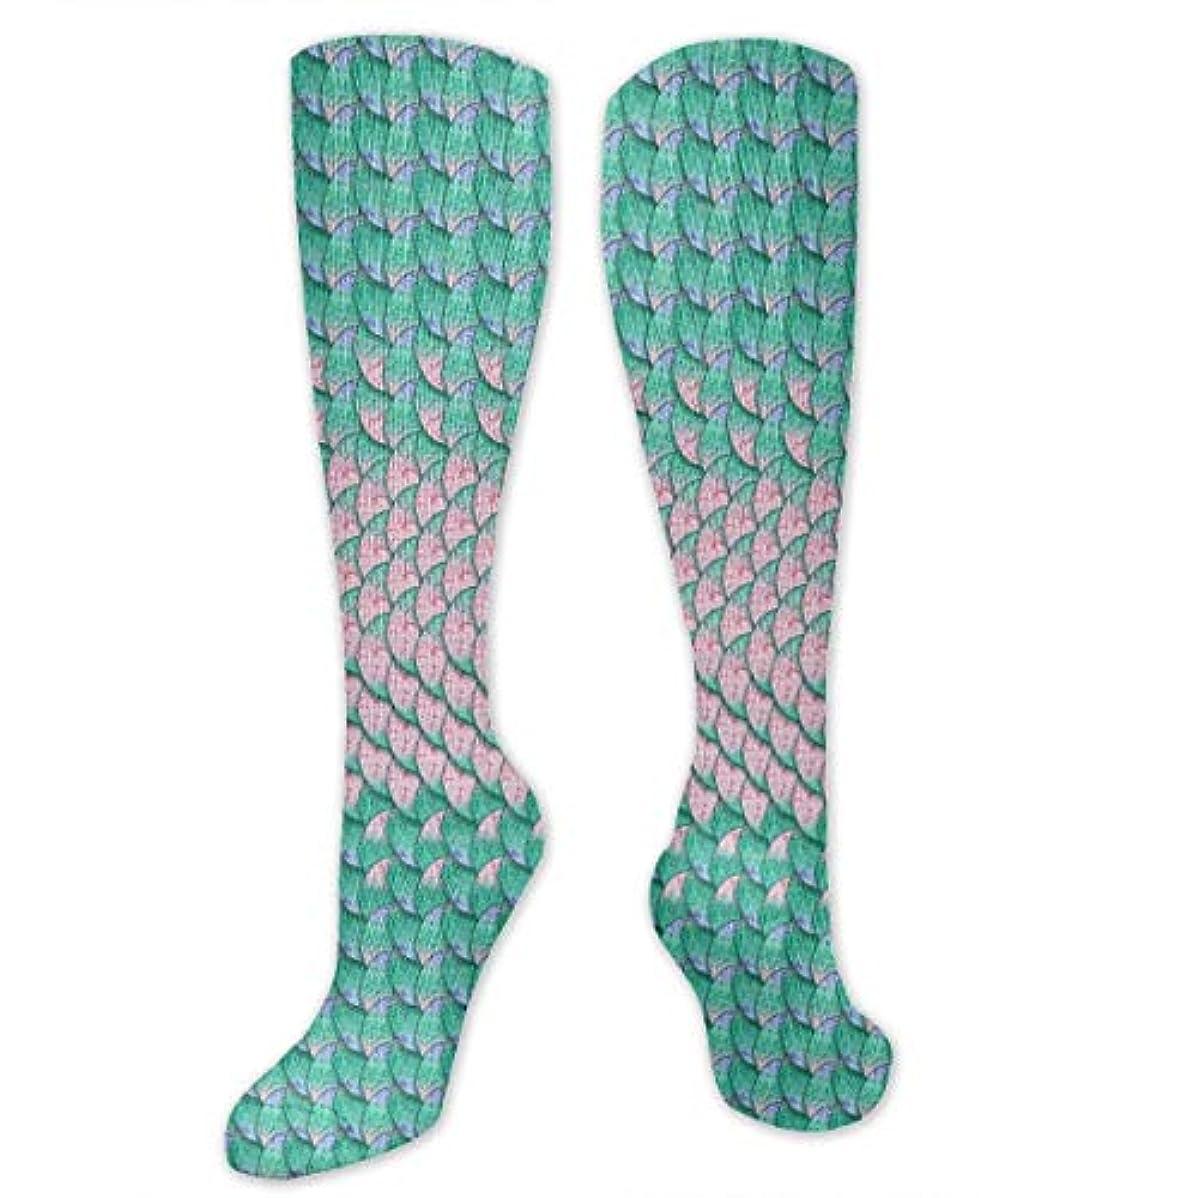 まもなくバッグ一部靴下,ストッキング,野生のジョーカー,実際,秋の本質,冬必須,サマーウェア&RBXAA Mermaid Scales Background Socks Women's Winter Cotton Long Tube Socks...